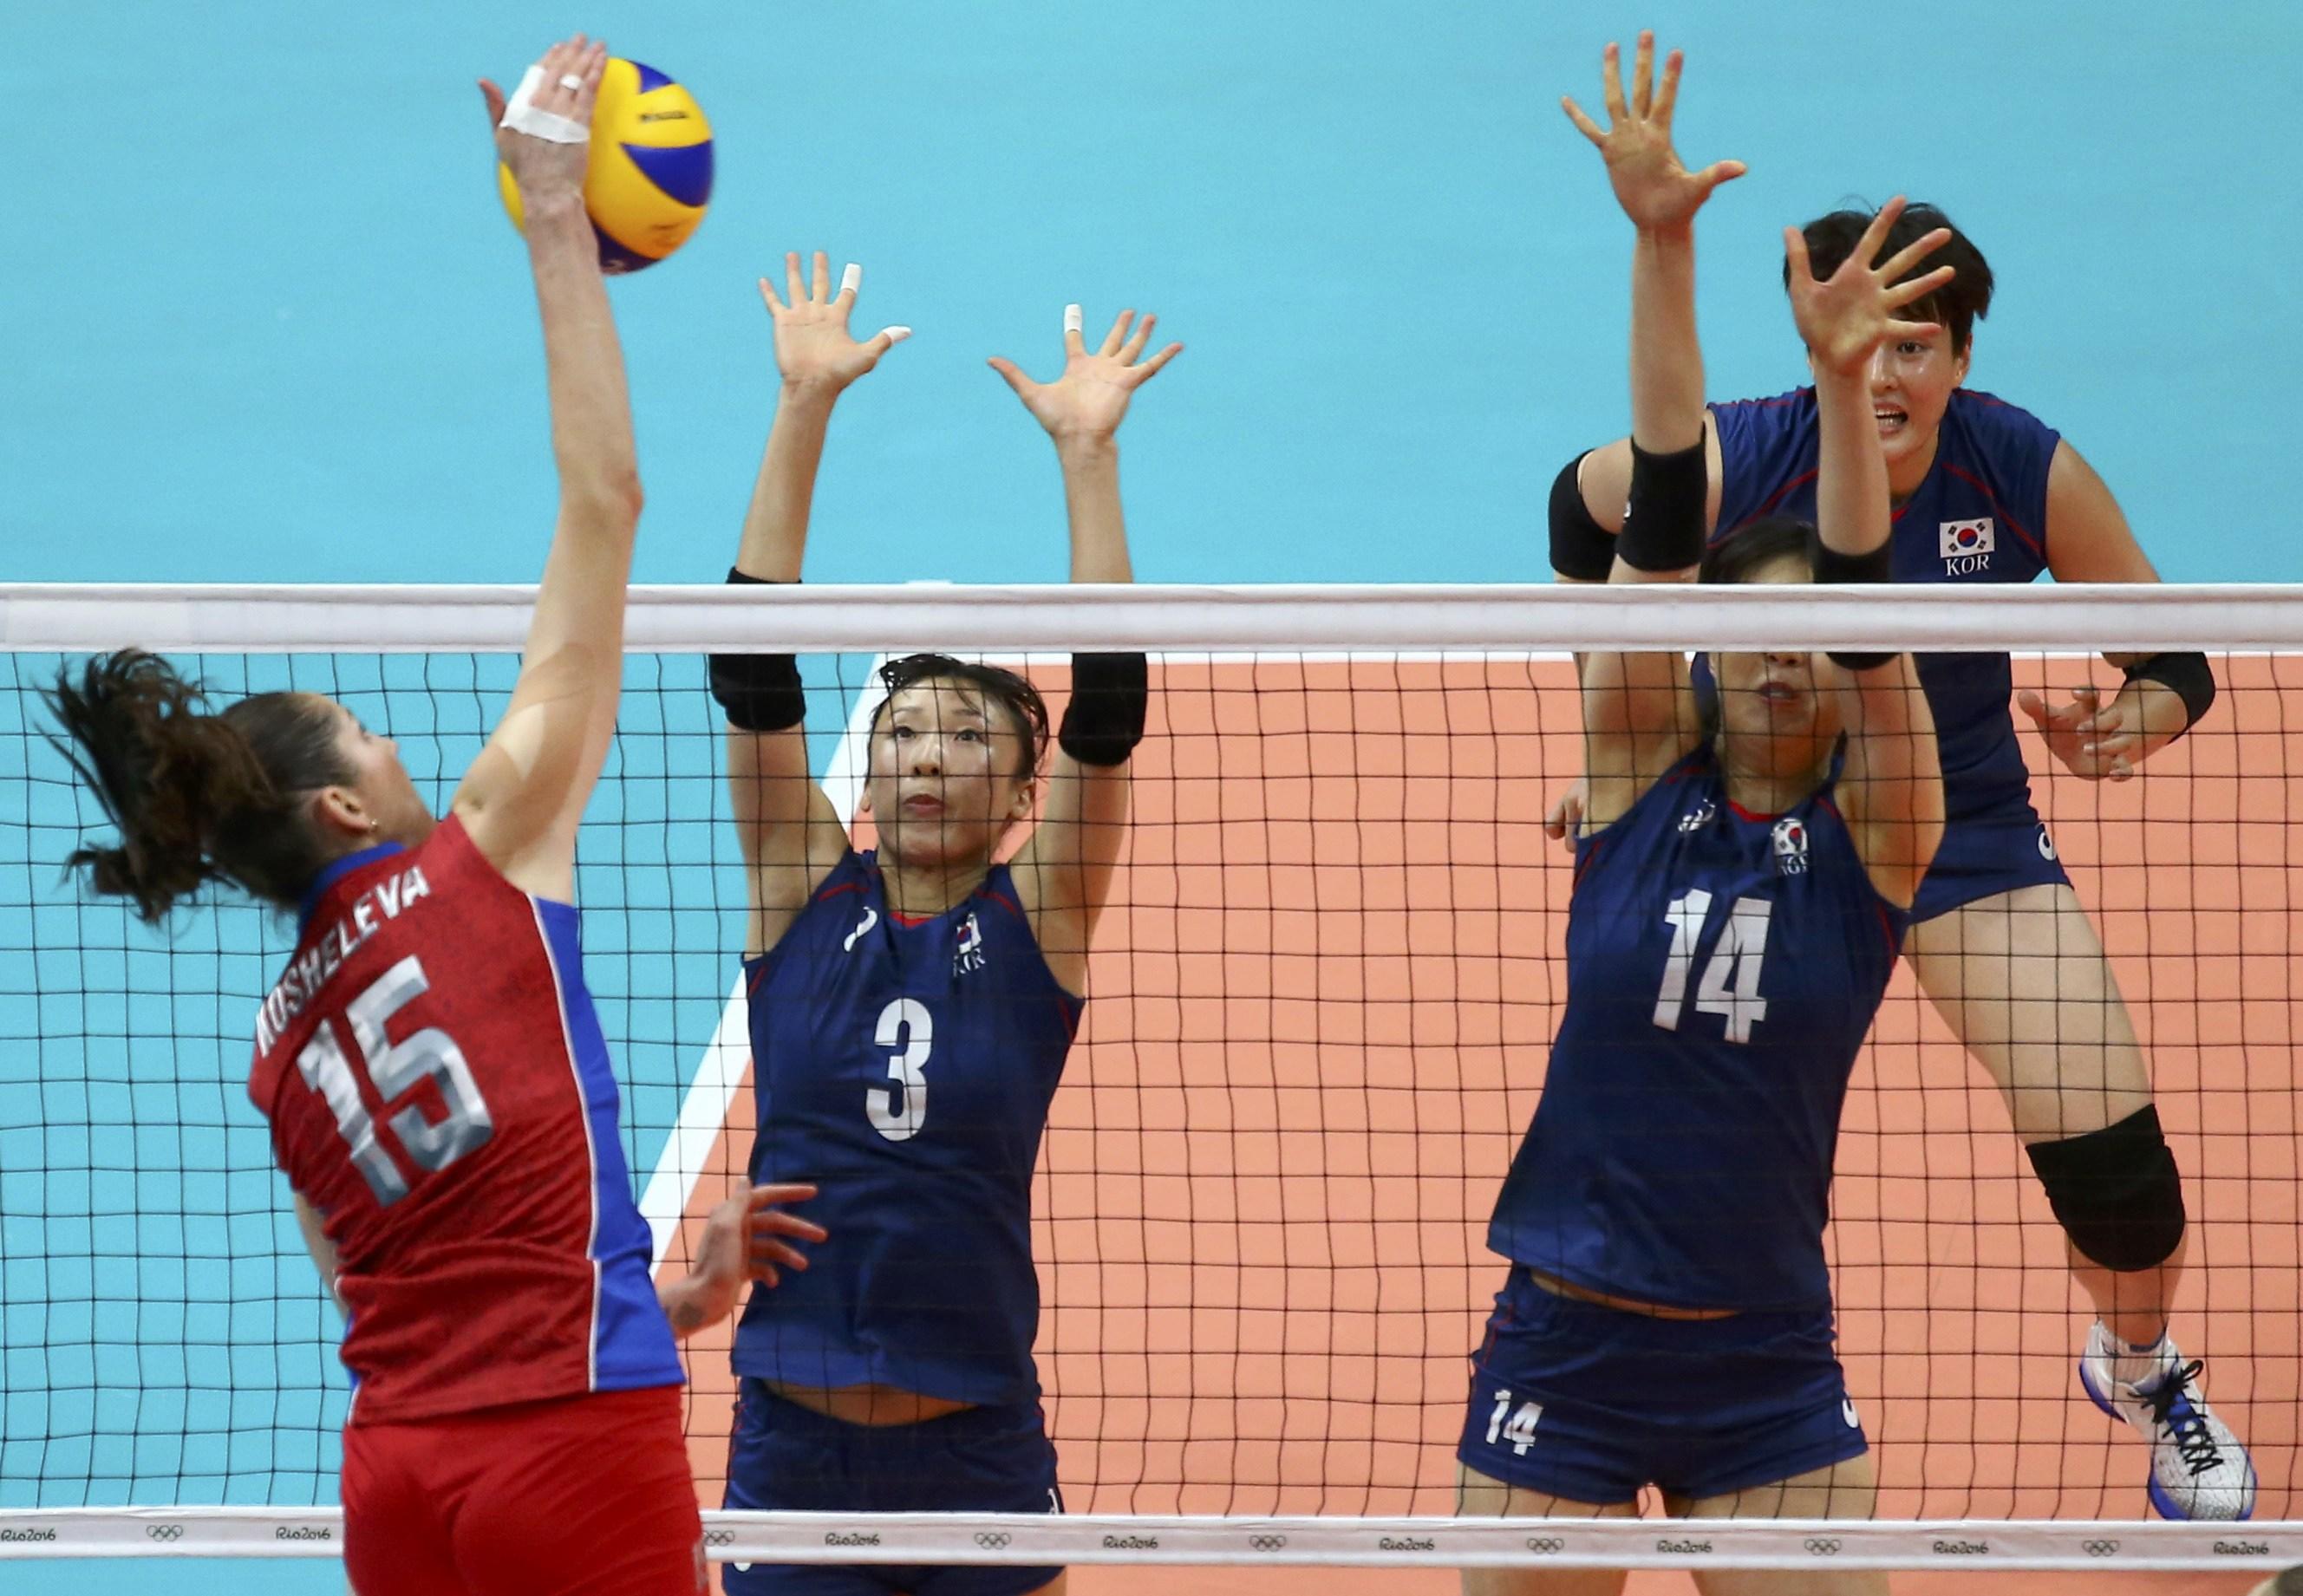 Олимпиада волейбол мужчины 26 фотография